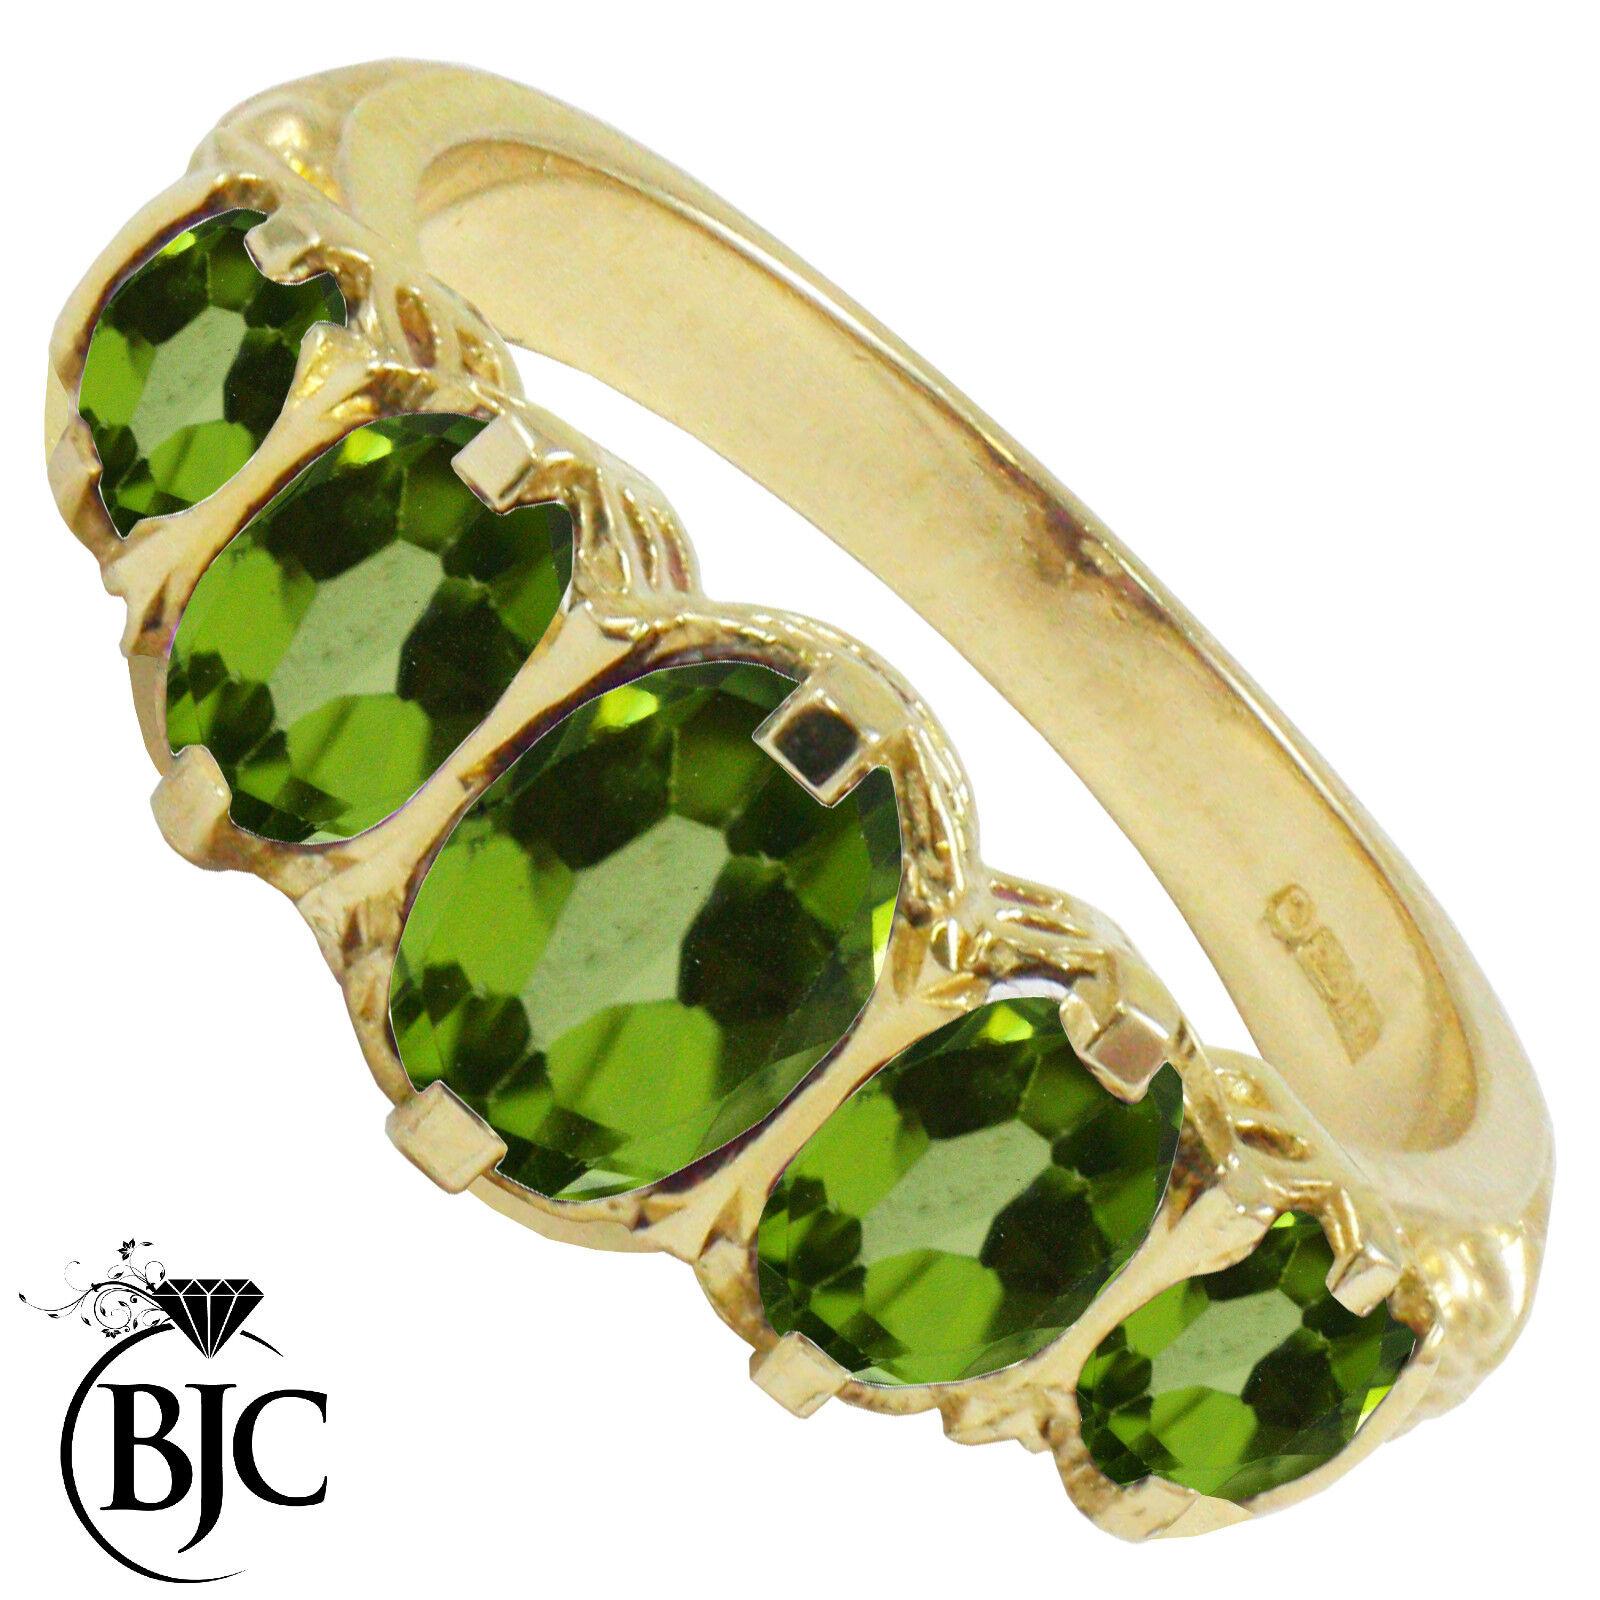 BJC 9ct gold yellow VITTORIANO Gitano stile LAUREA PERIDOTO 5 PIETRA anello